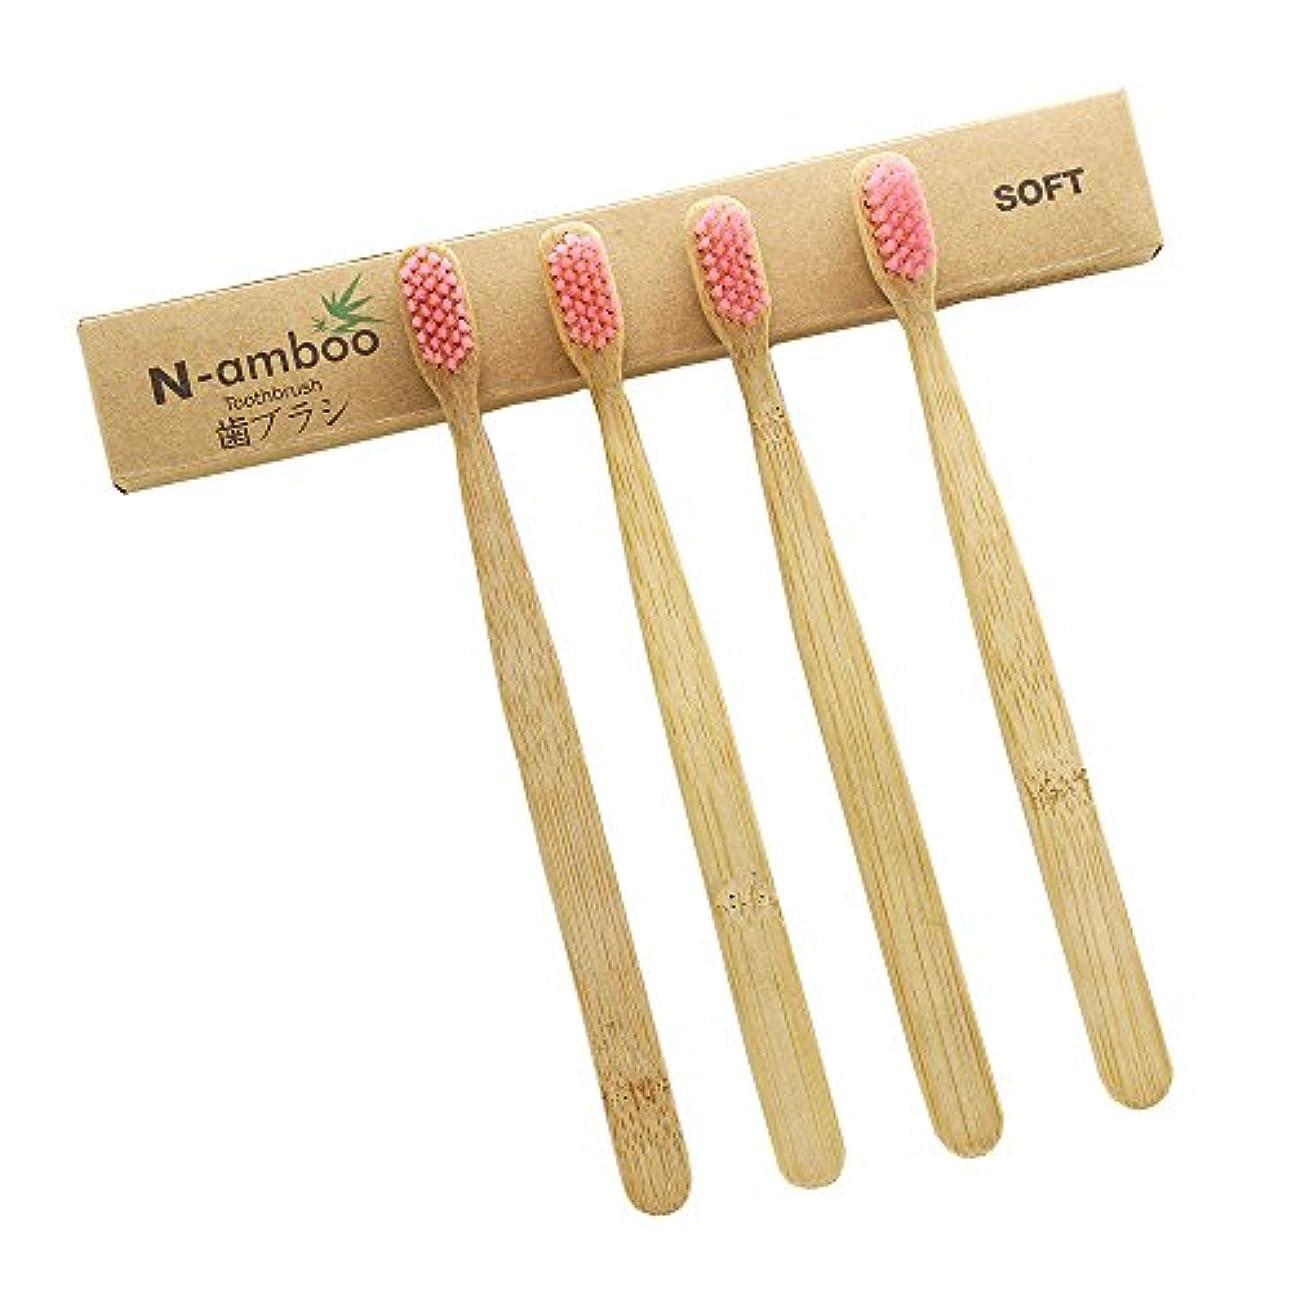 仕方パキスタン人粘性のN-amboo 竹製 歯ブラシ 高耐久性 ピンク エコ 色あざやか (4本)